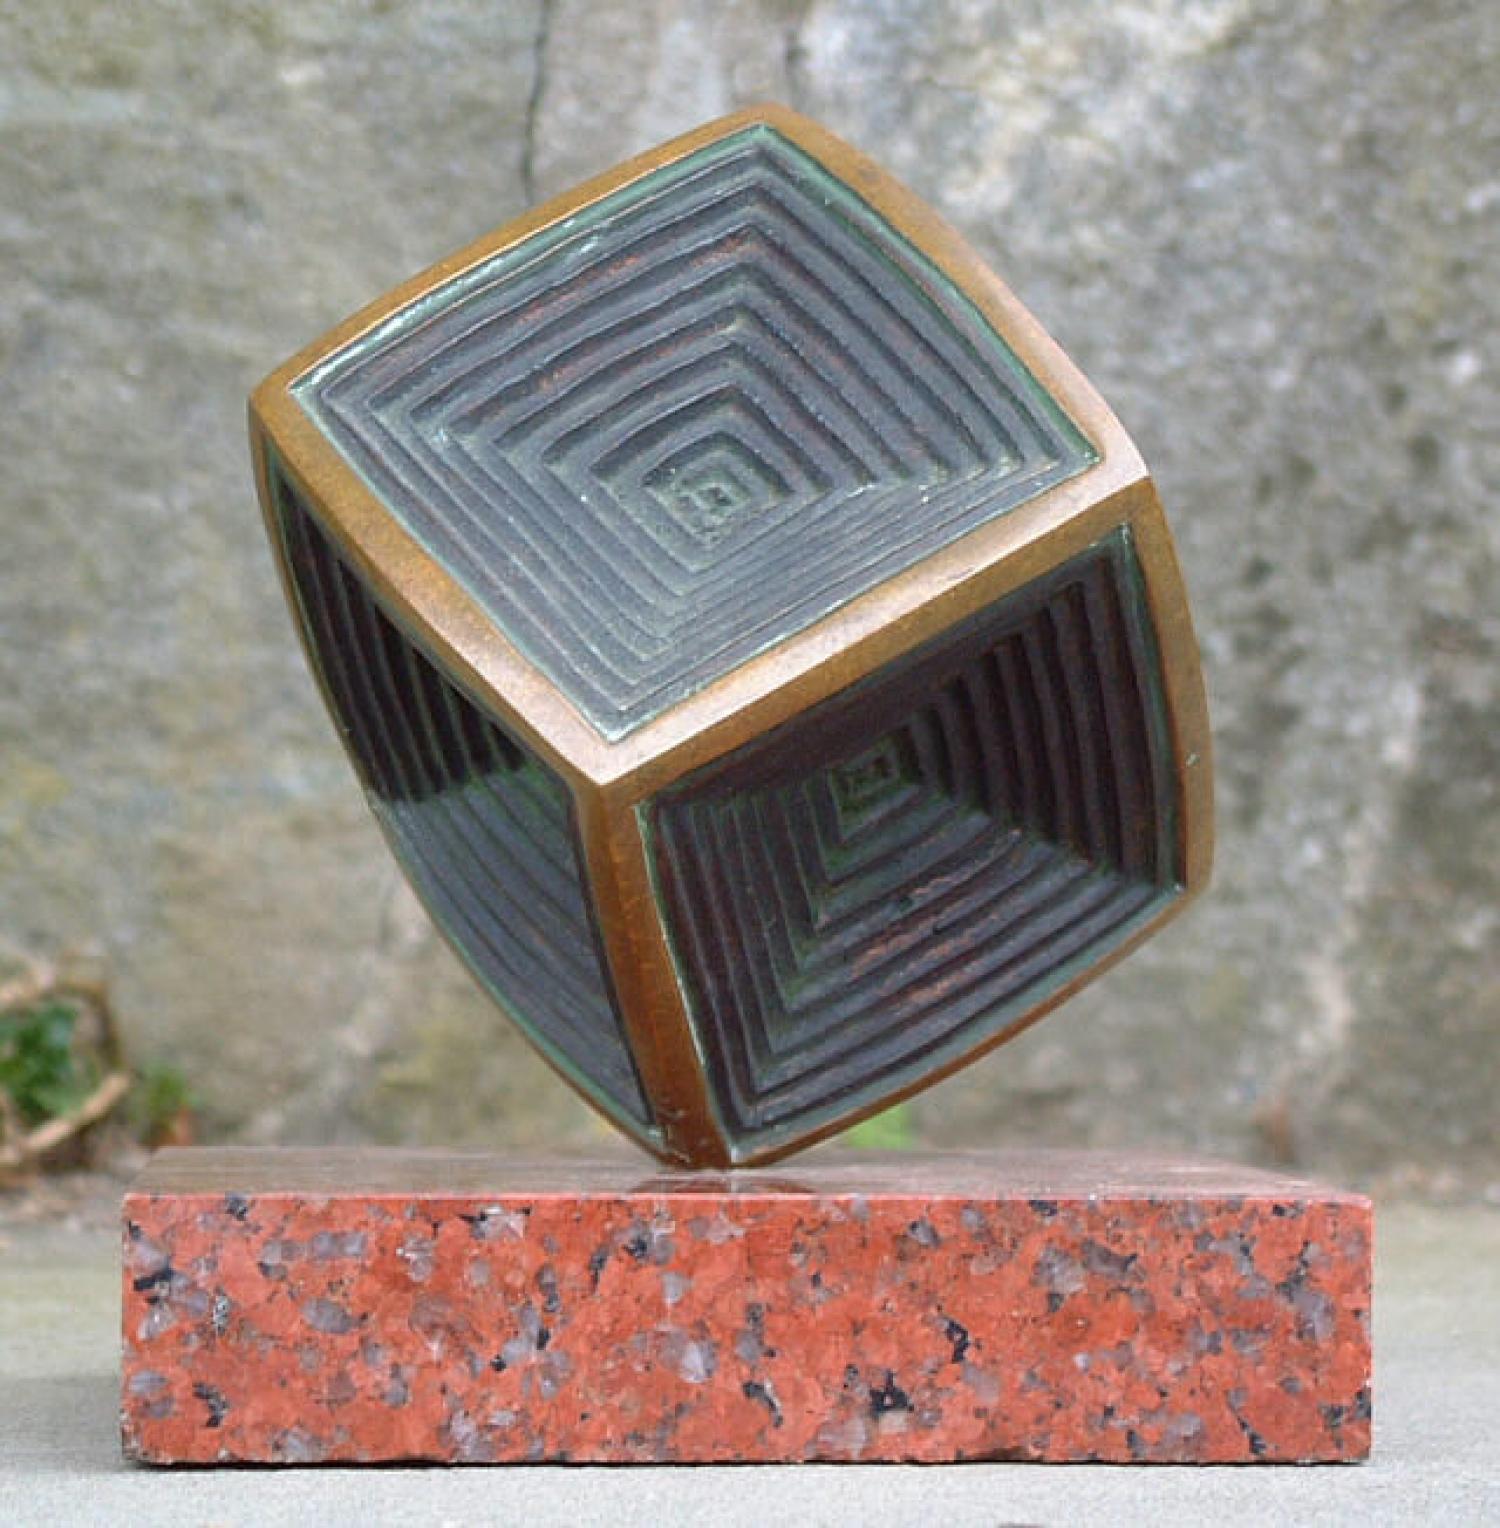 Oded Halahmy modern bronze sculpture